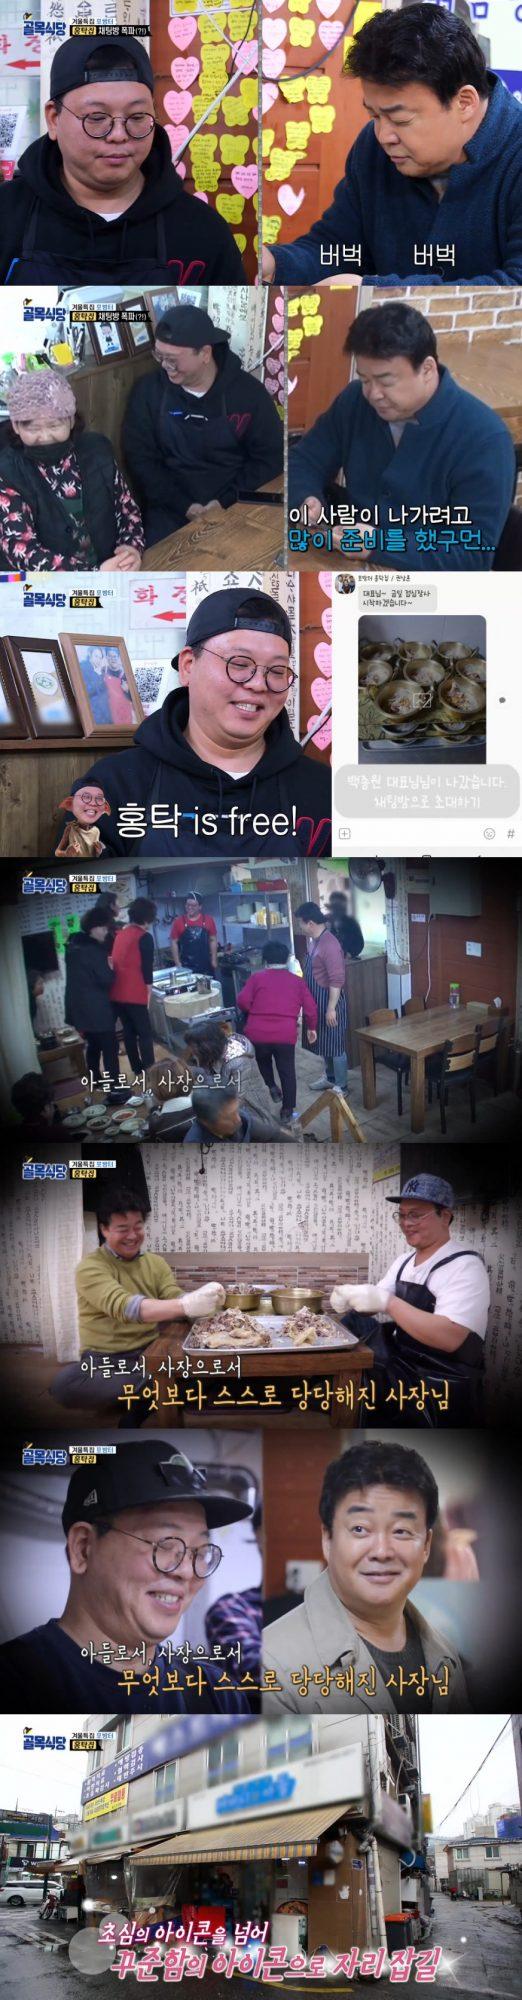 SBS '백종원의 골목식당' 방송화면. /